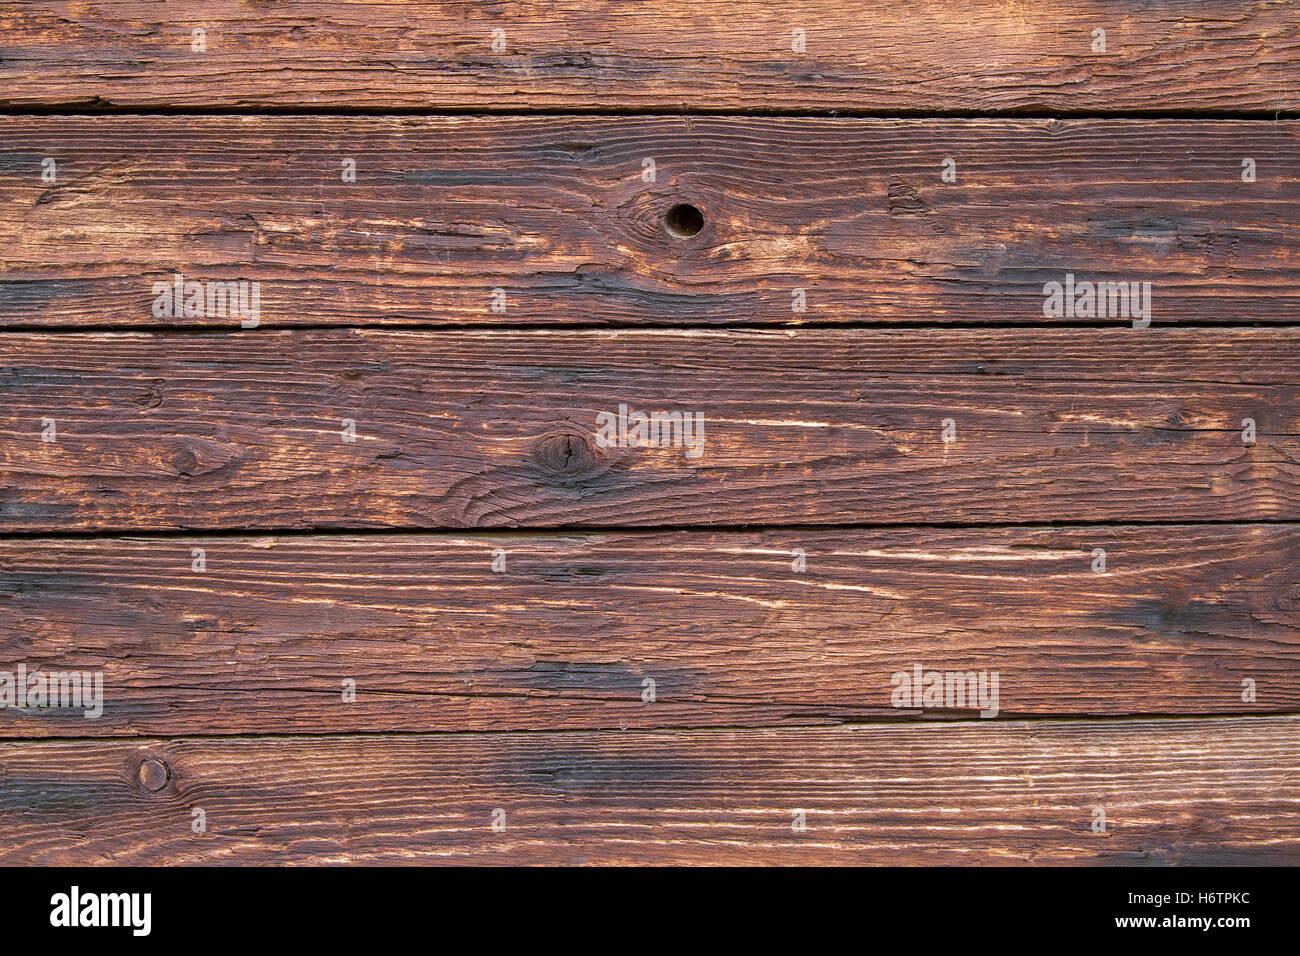 dielenfußboden stock photos & dielenfußboden stock images - alamy